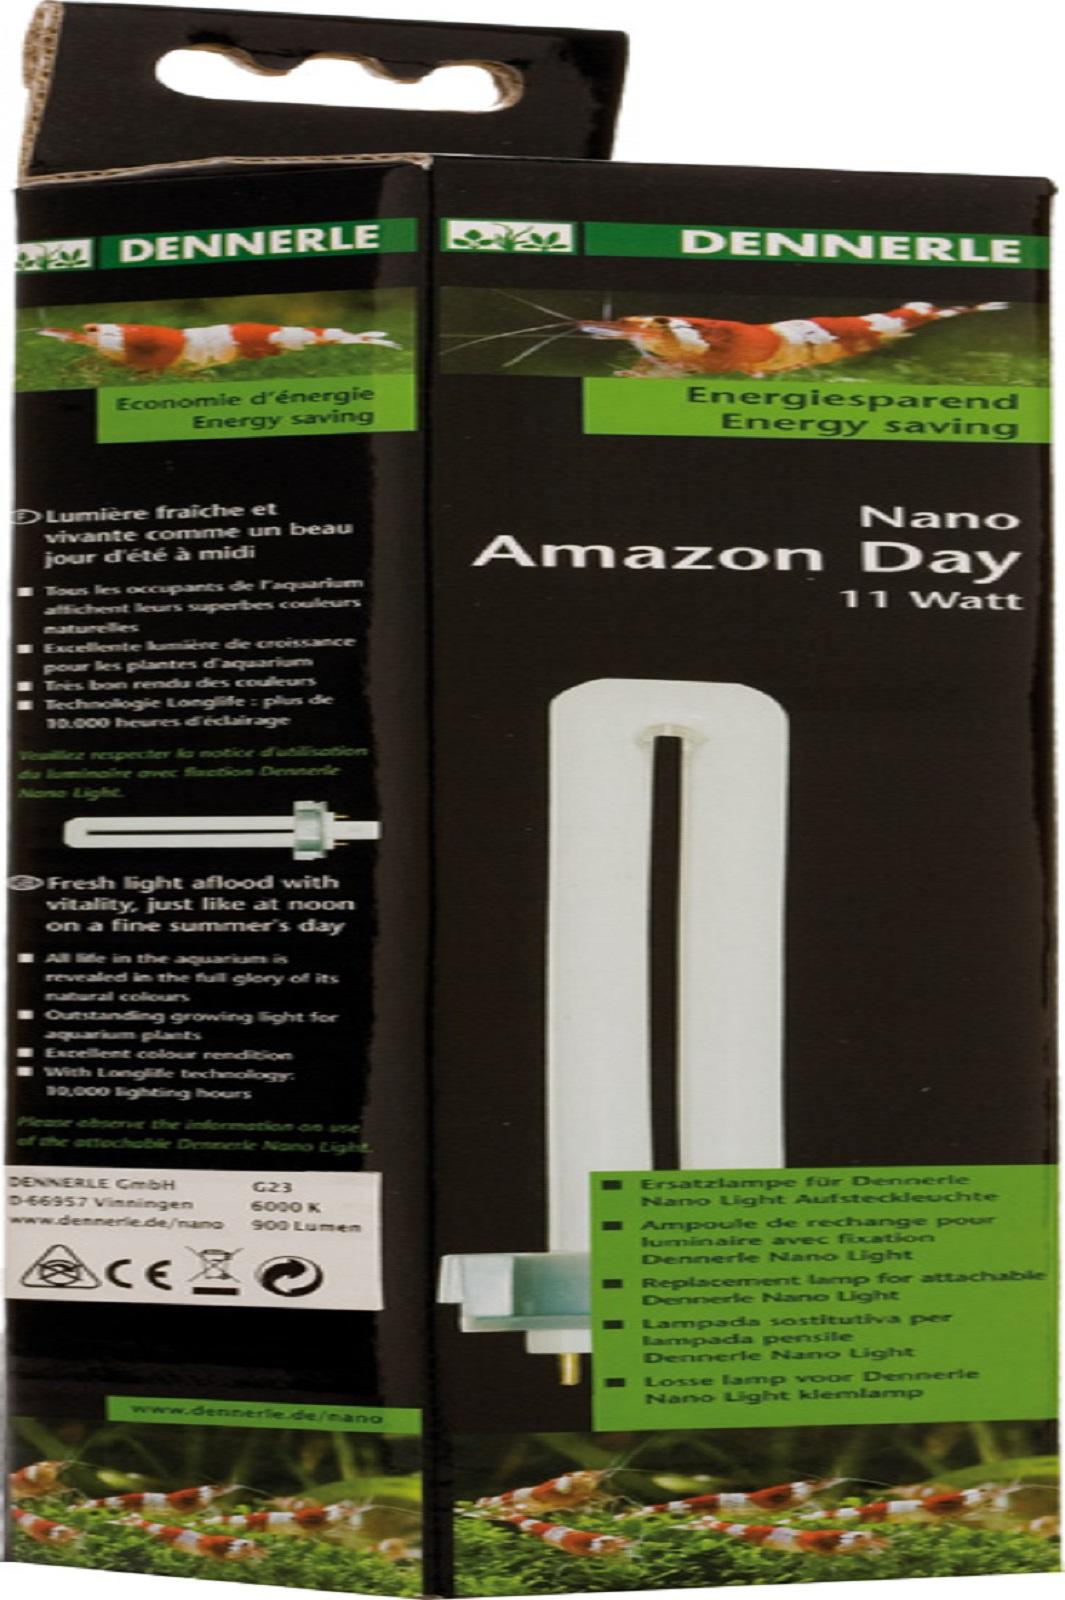 Dennerle Nano Amazon Day 11 W Leuchte  Aquarium Wuchslicht für Aquariumpflanzen